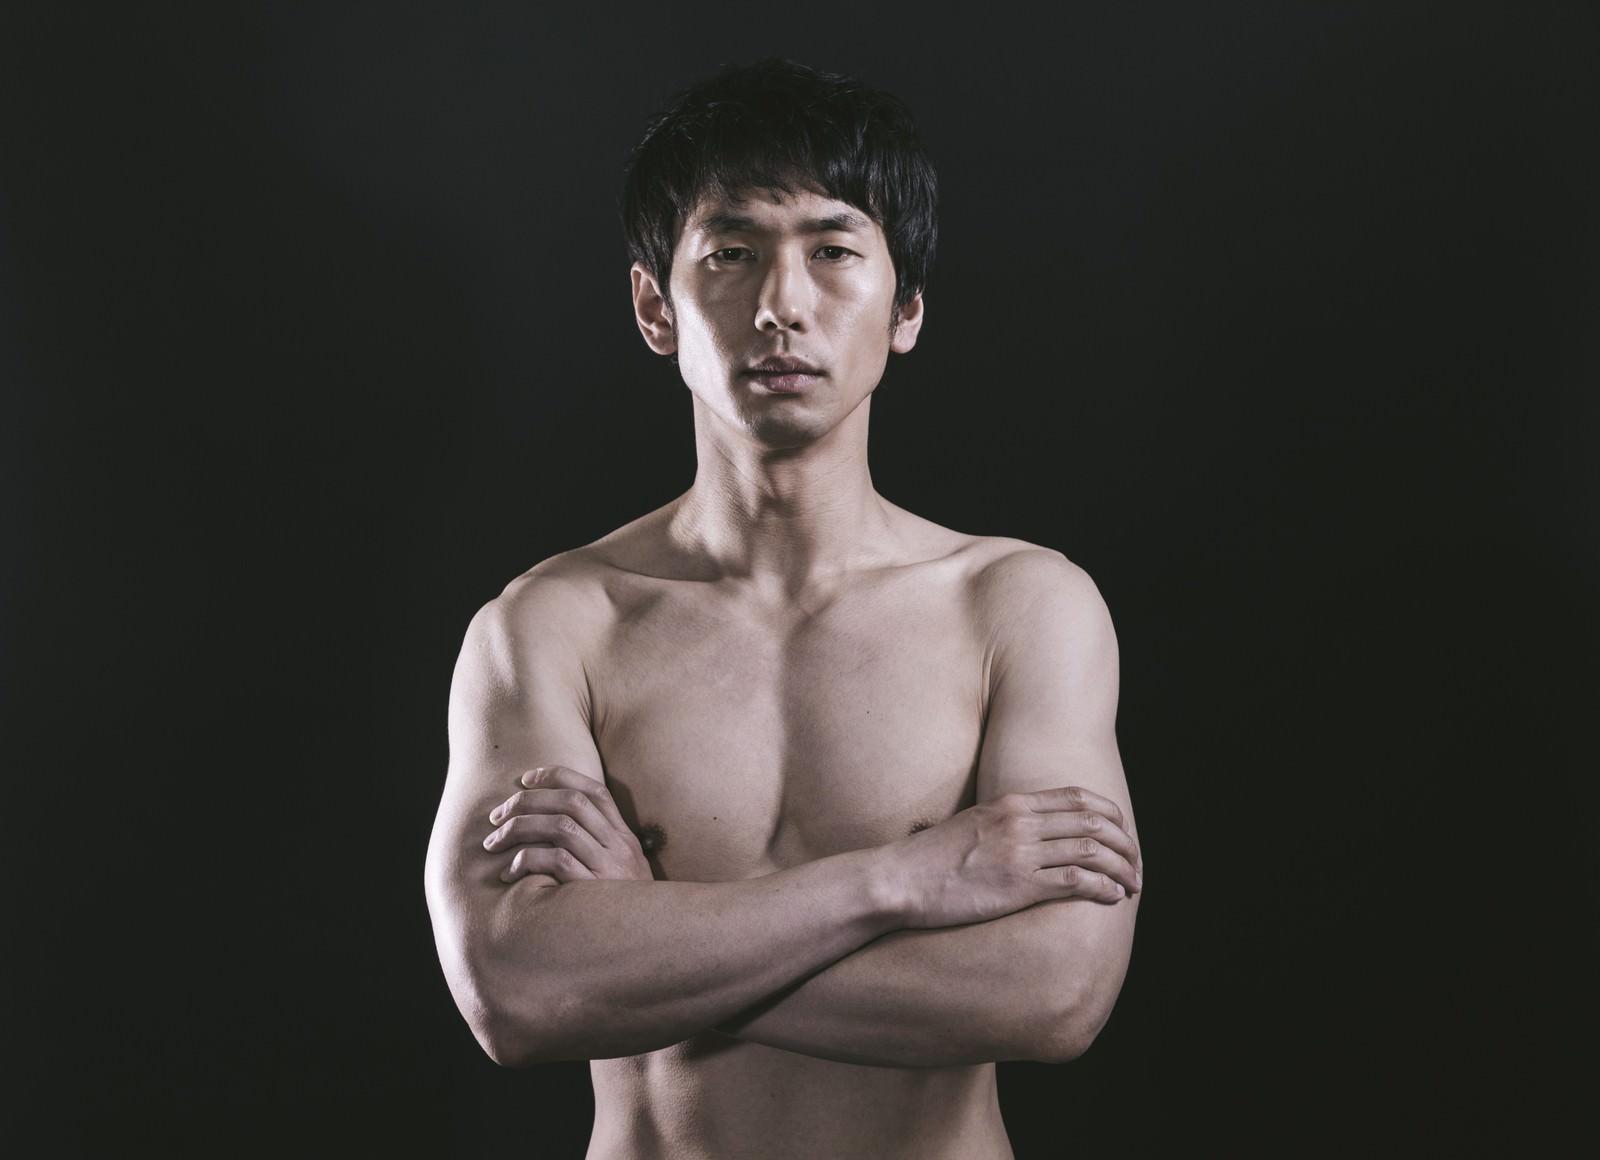 「上裸でポーズをキメるラーメン屋の店主」の写真[モデル:大川竜弥]